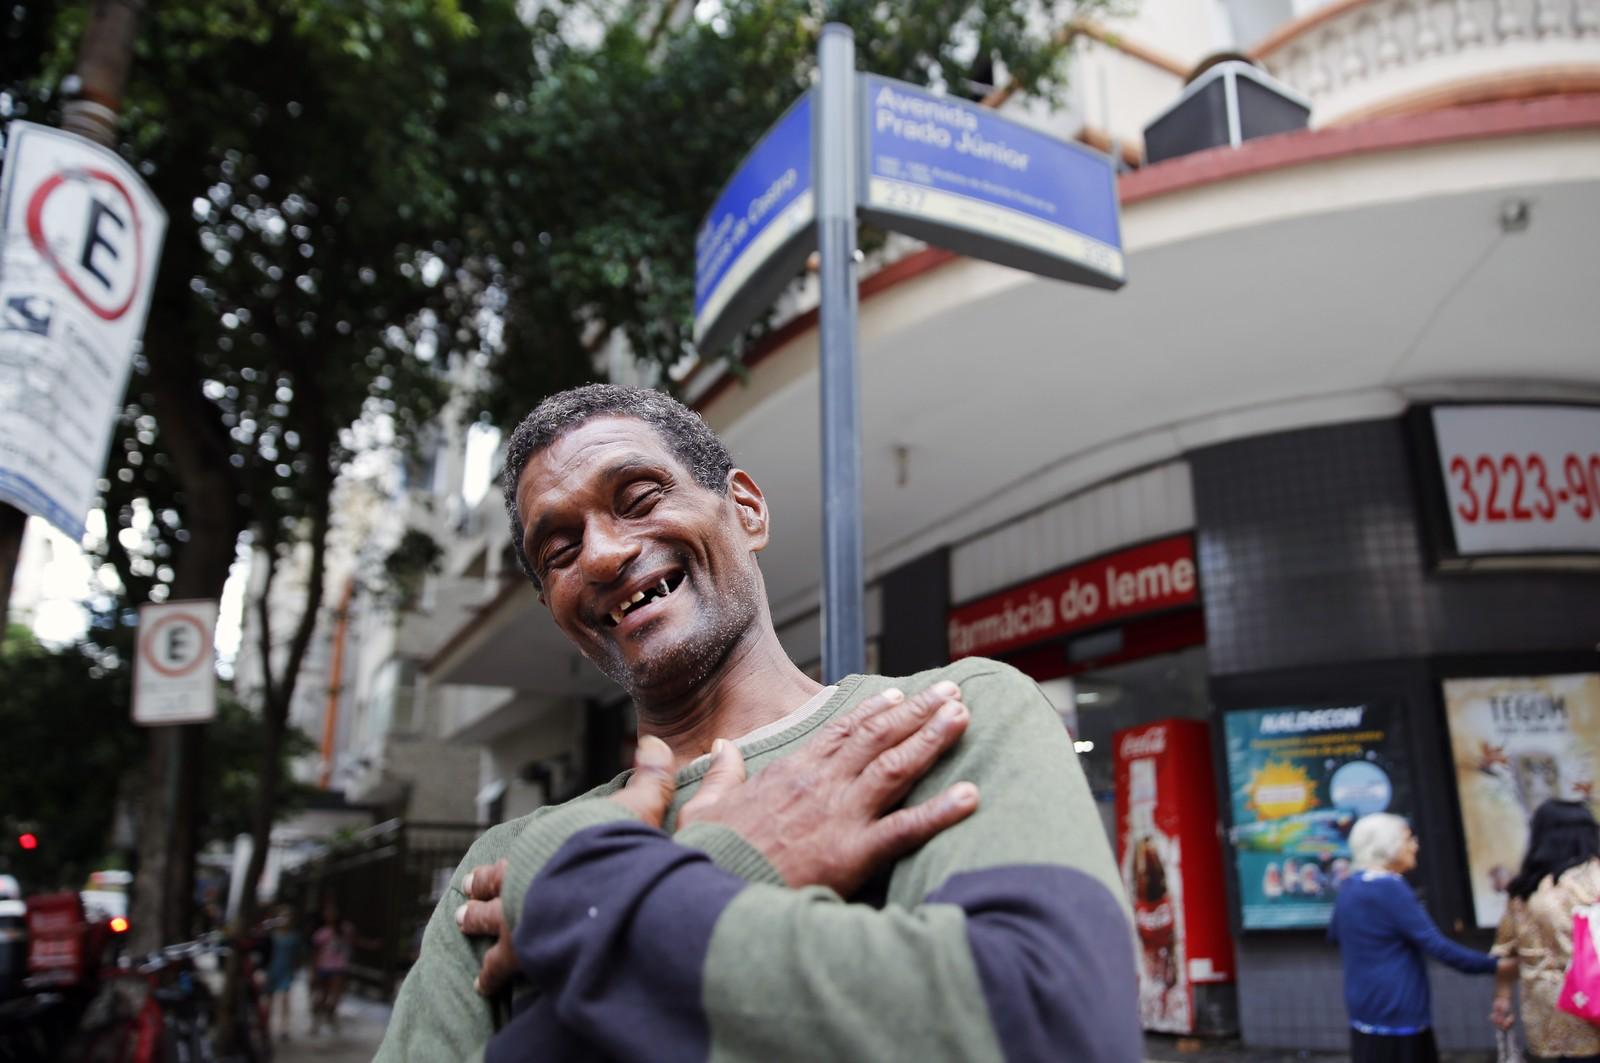 Homem que ajudou senhora a atravessar a rua conseguiu arrecadar dinheiro através de vaquinha